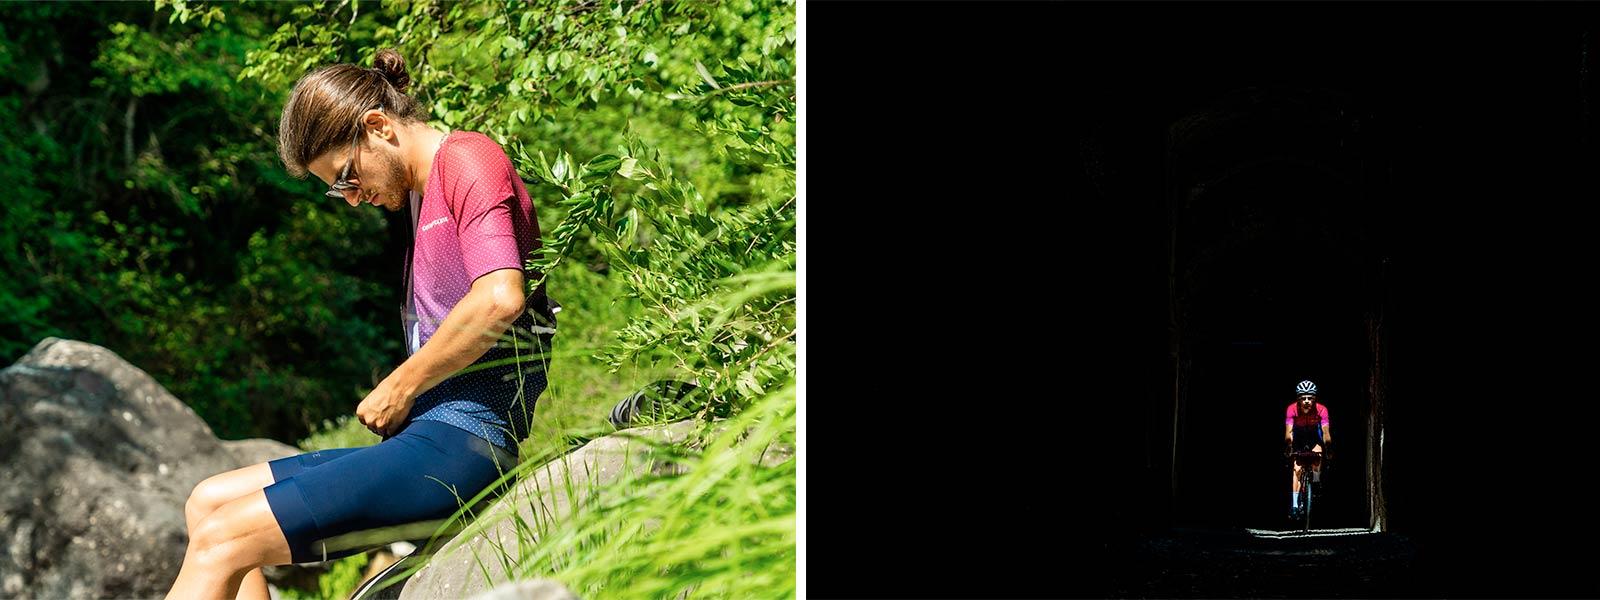 Take Me To The River #3 : ROCCHETTA NERVINA